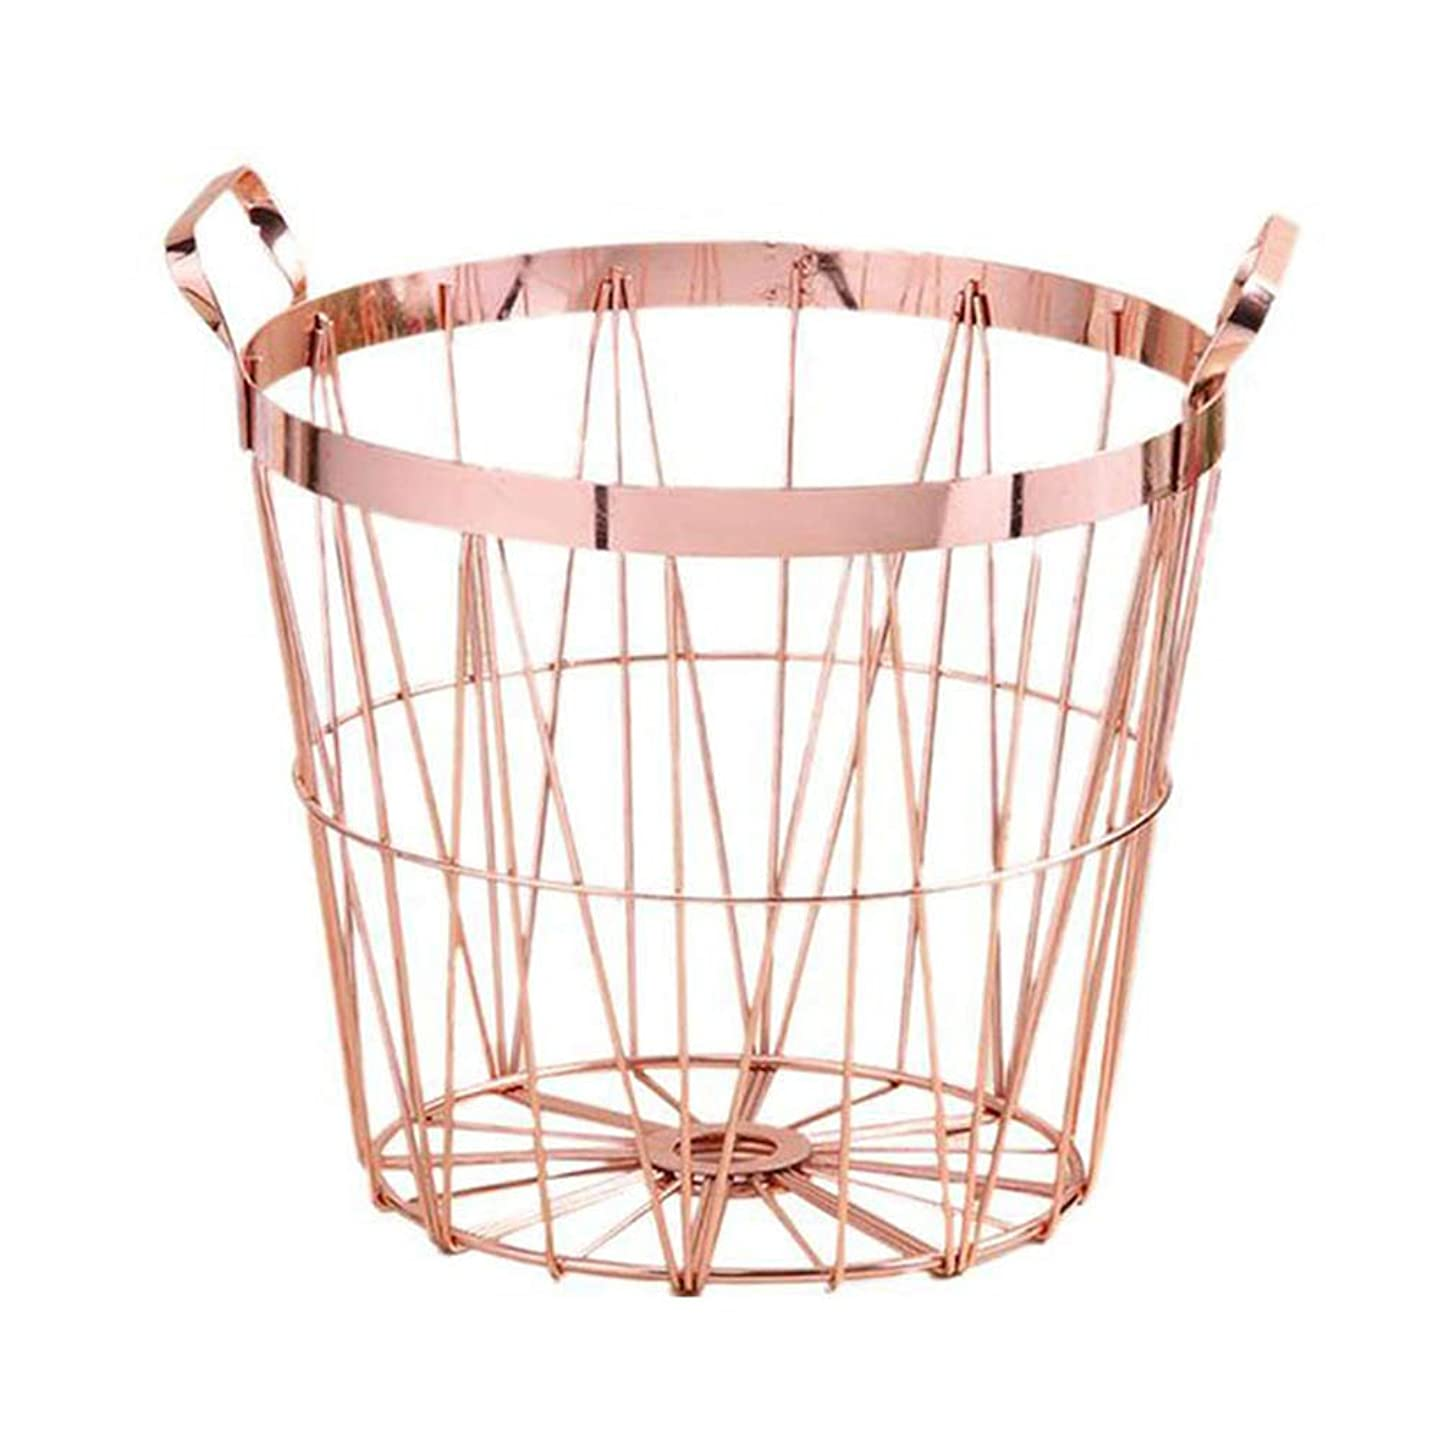 覚醒処分したファイルXlp ローズゴールドラウンドアイアンワイヤー収納バスケット付きキッチンバスルーム